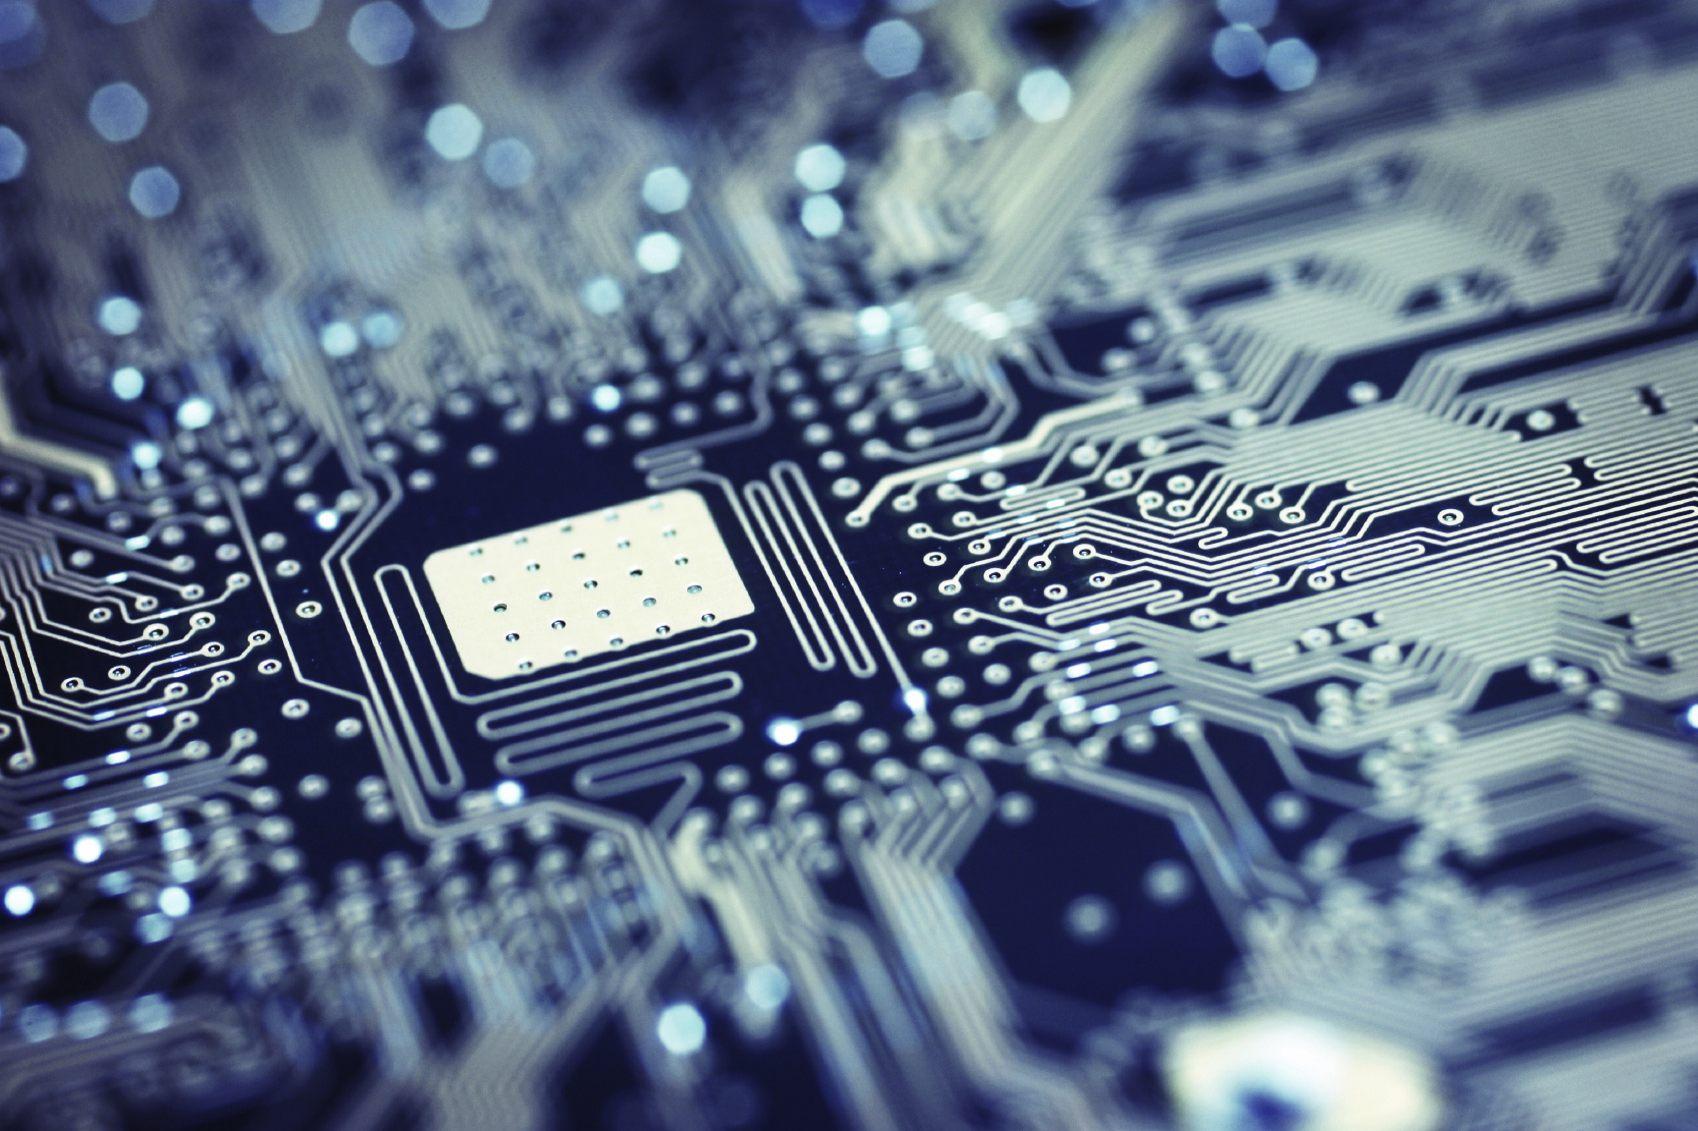 Embedded system tutorials, free online trainingfree online.